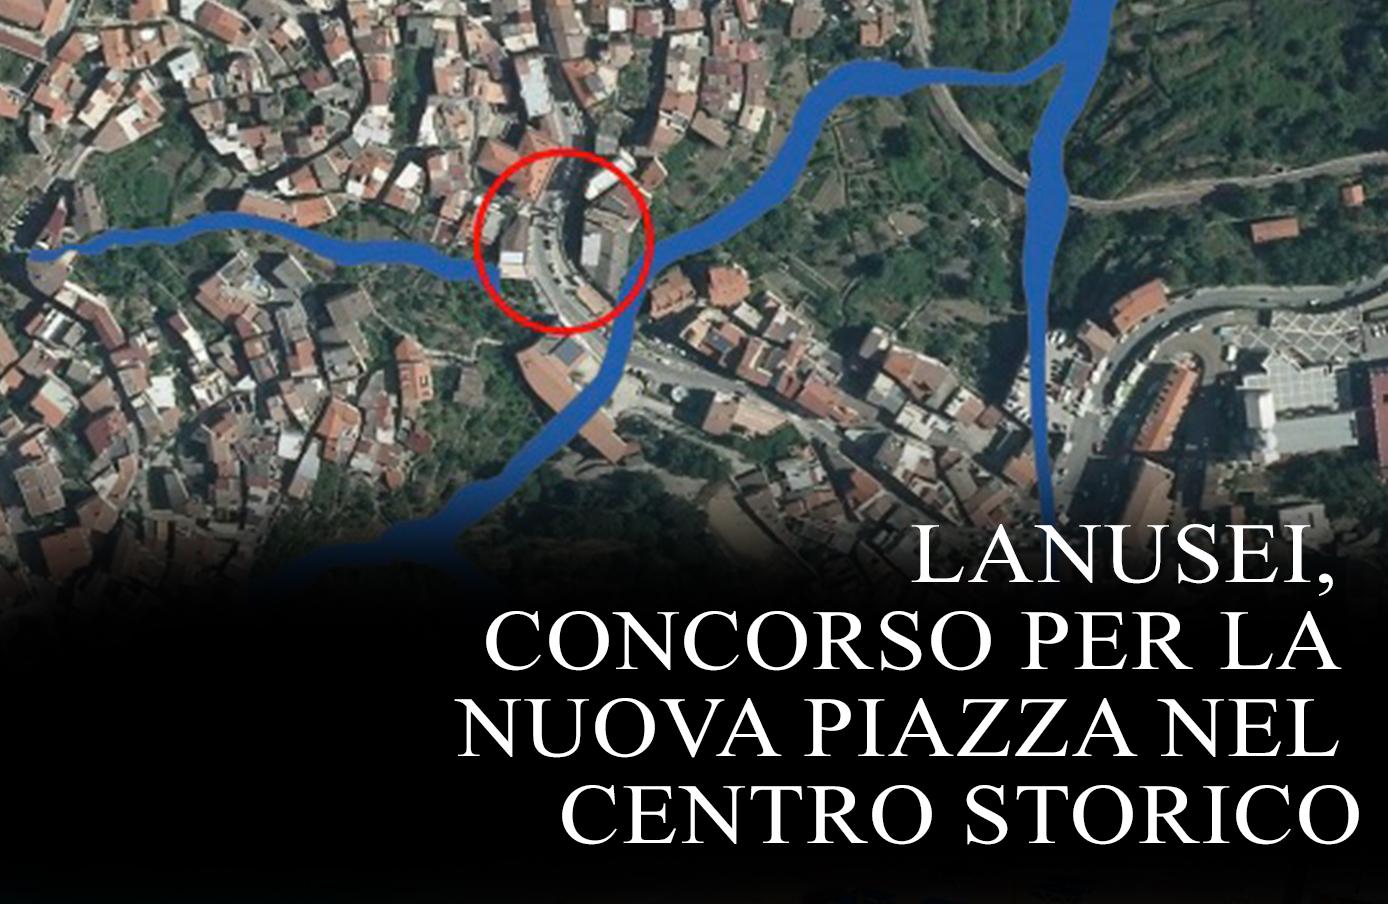 LANUSEI, CONCORSO PER LA NUOVA PIAZZA NEL CENTRO STORICO